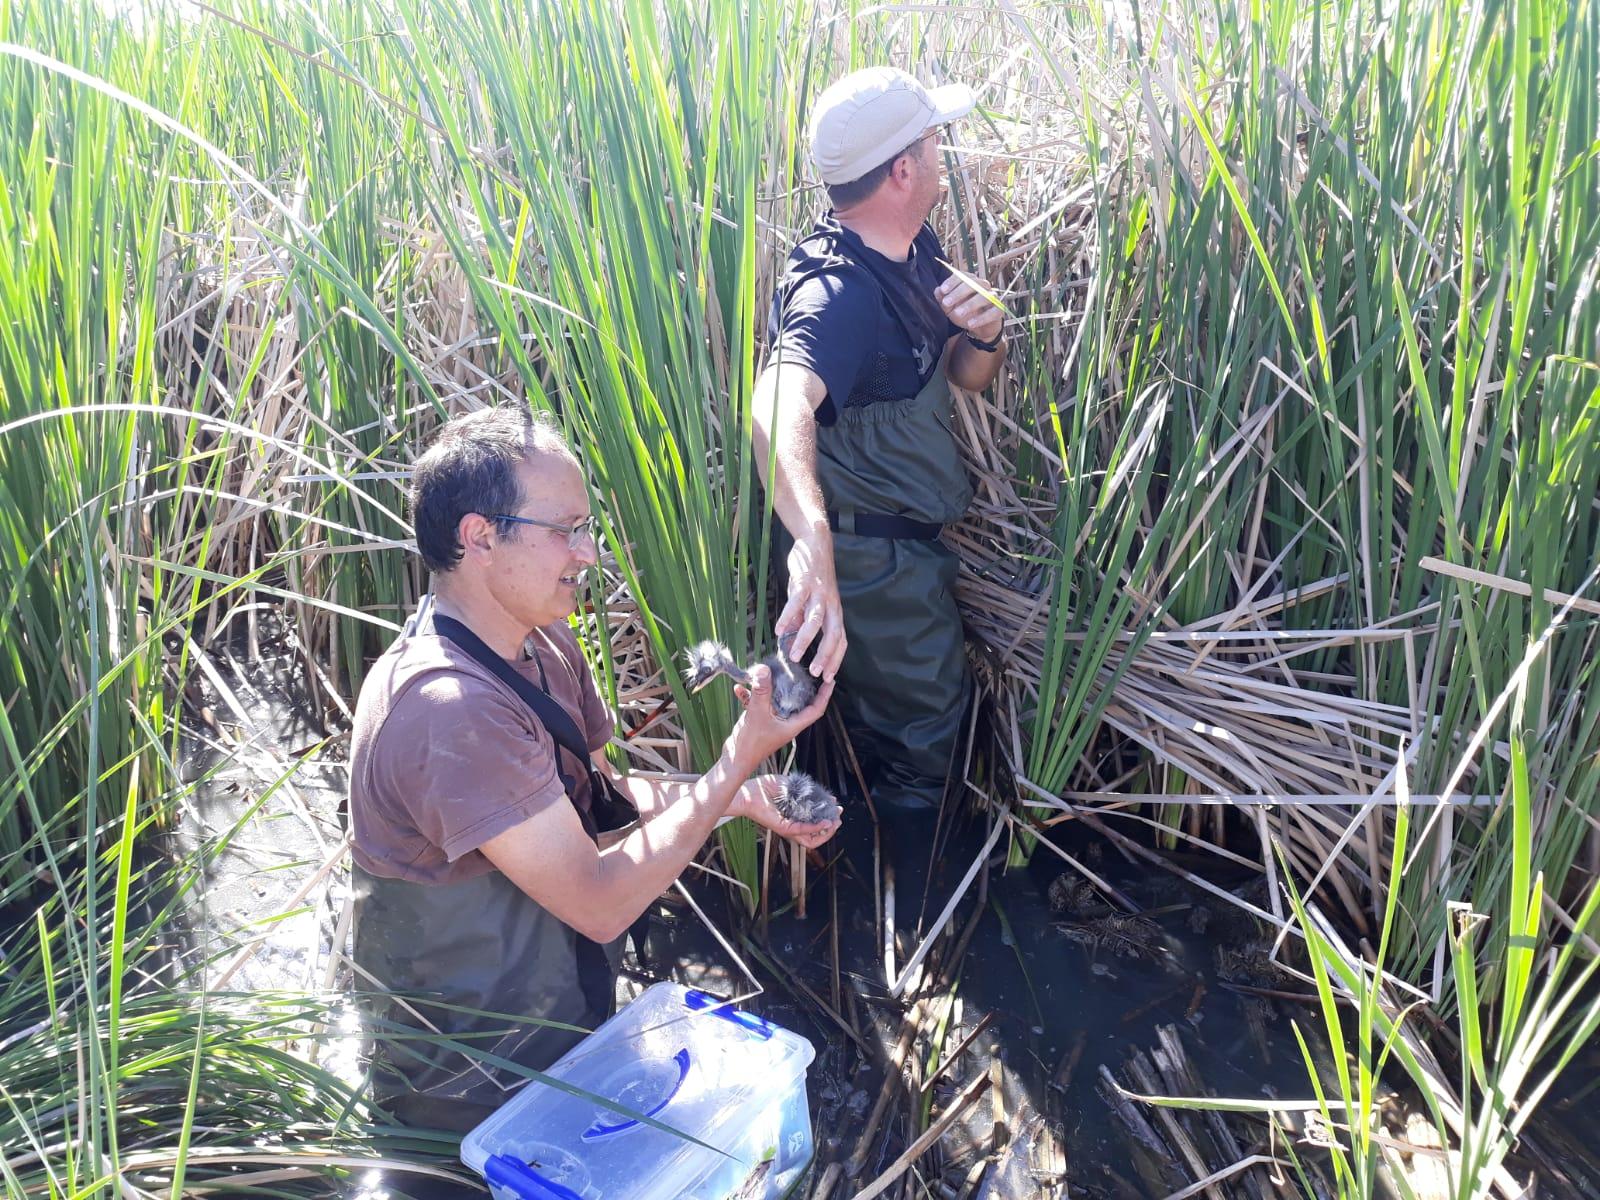 Pla obert on es pot veure un moment del monitoratge de bernat pescaire a l'estany d'Ivars i Vila-sana, el 10 de maig de 2019. (Horitzontal)